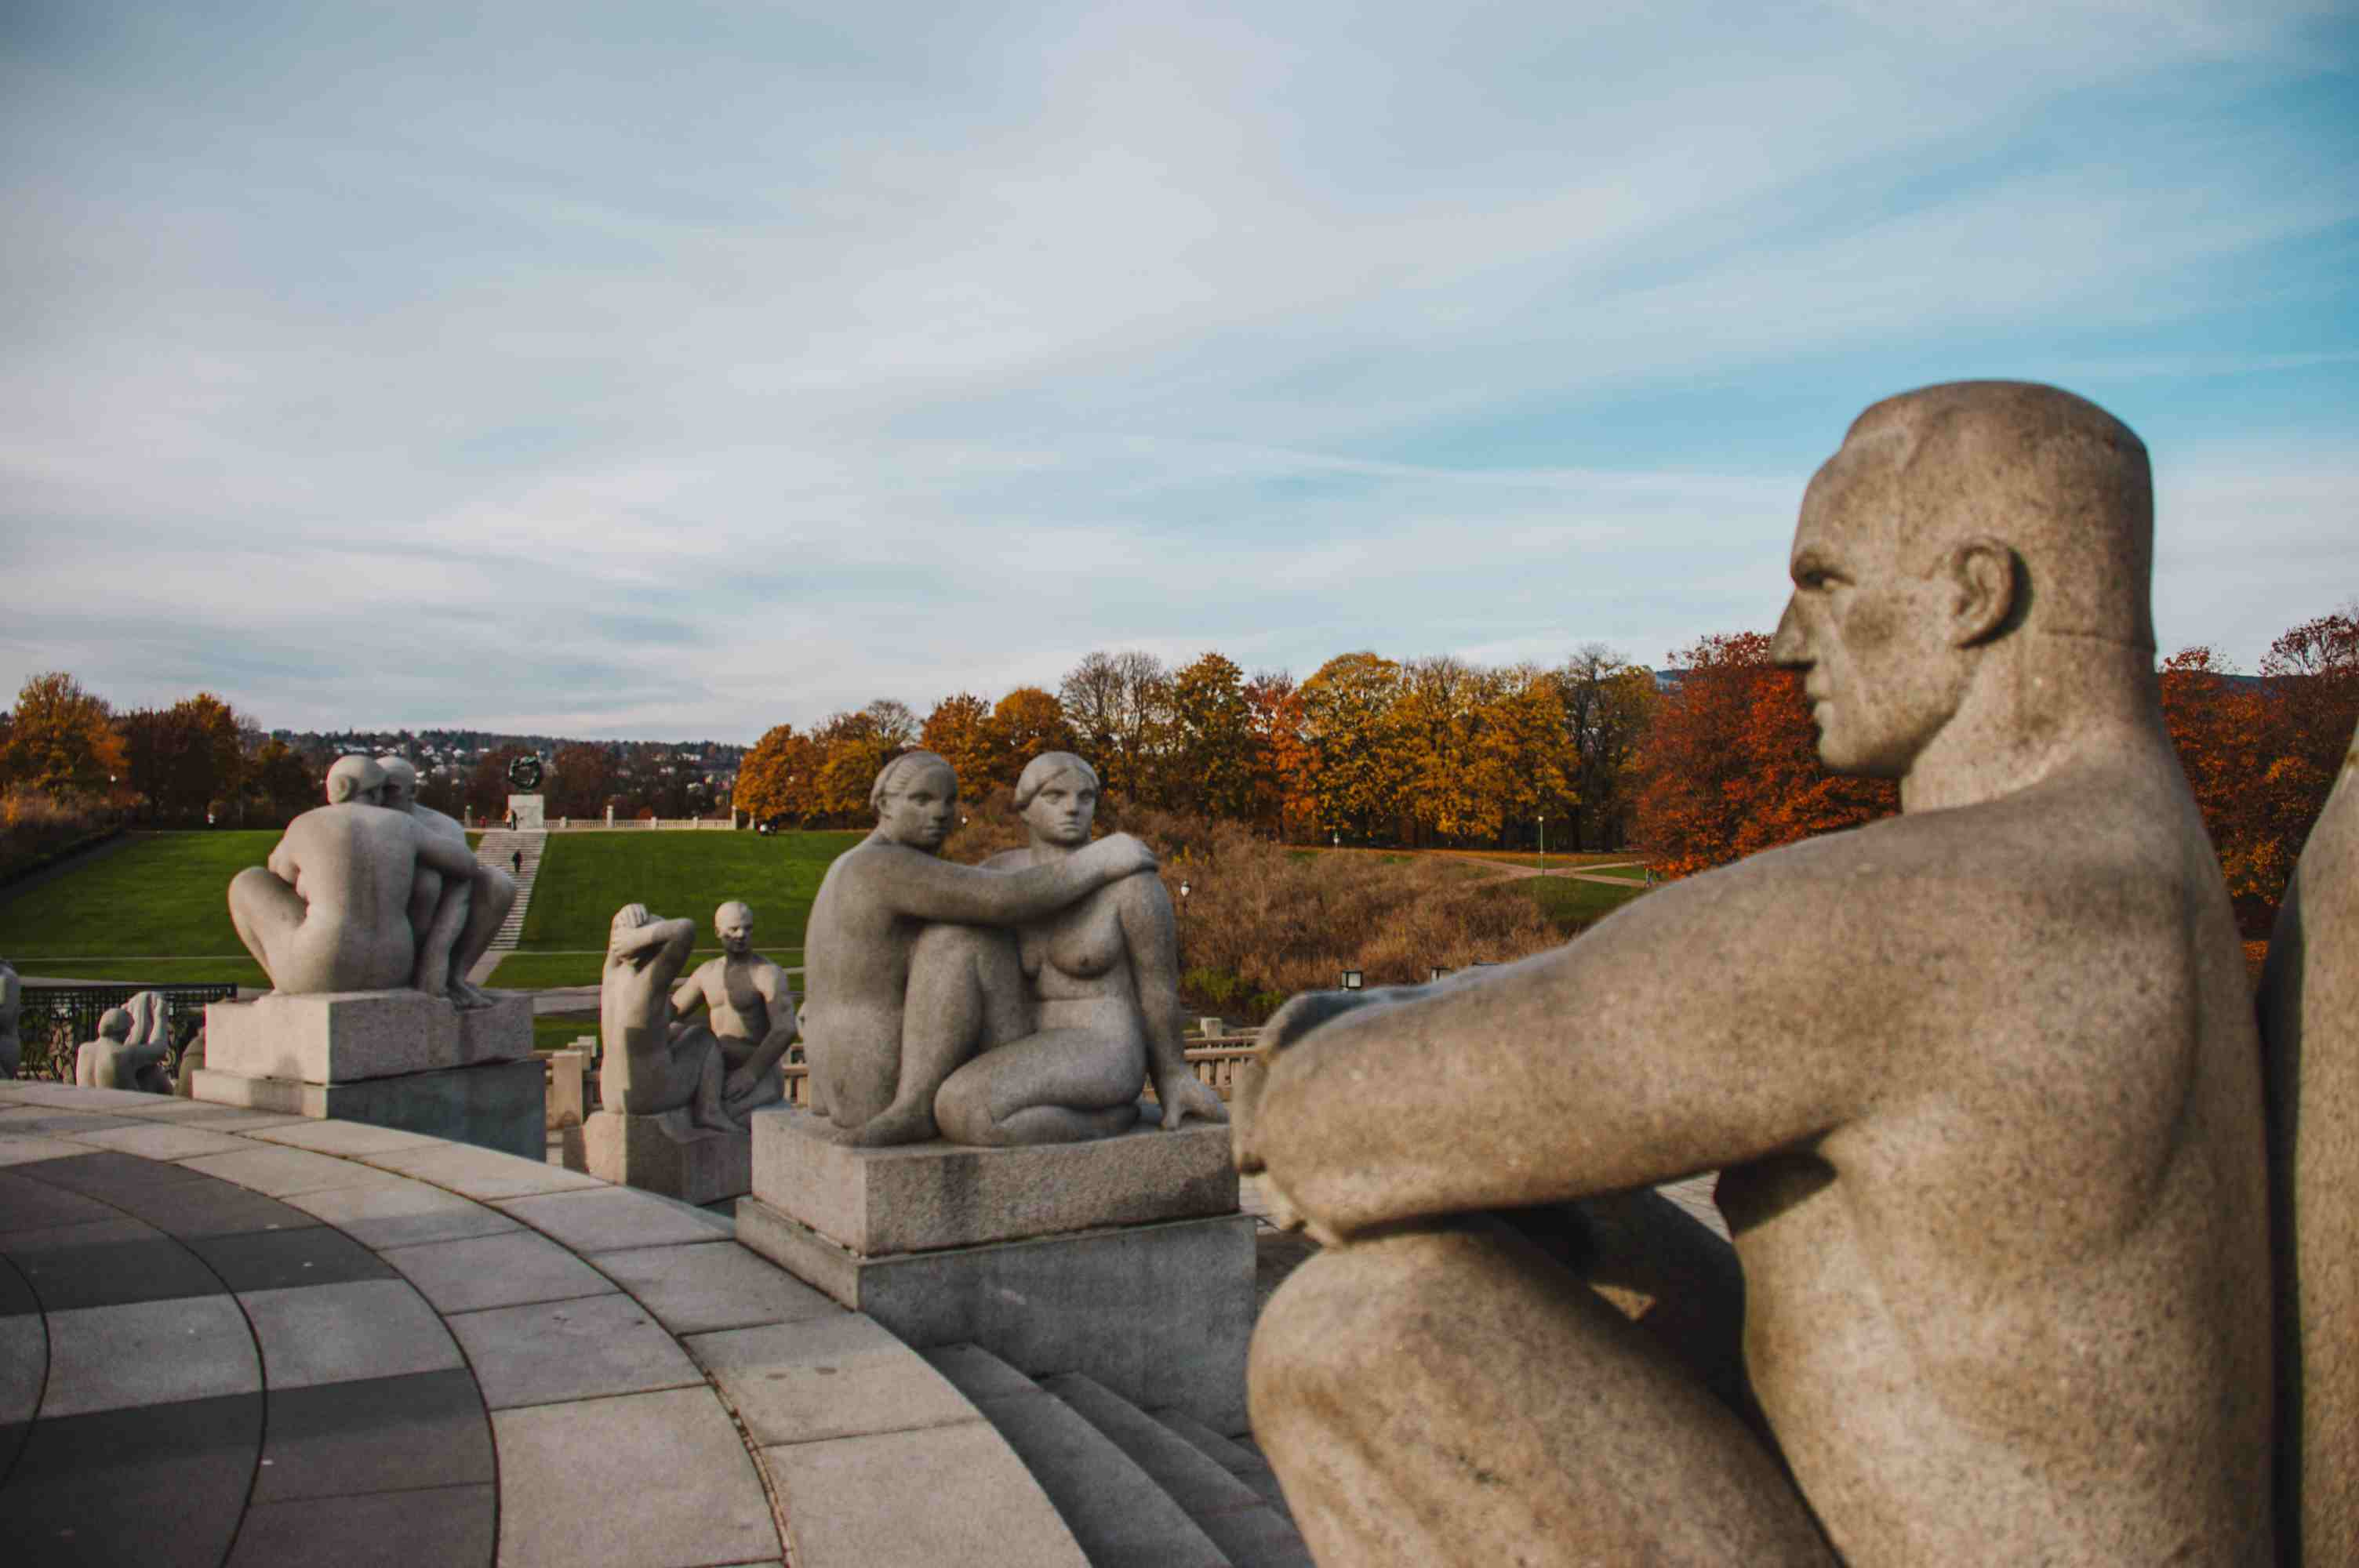 Sculptures in Vigeland Park